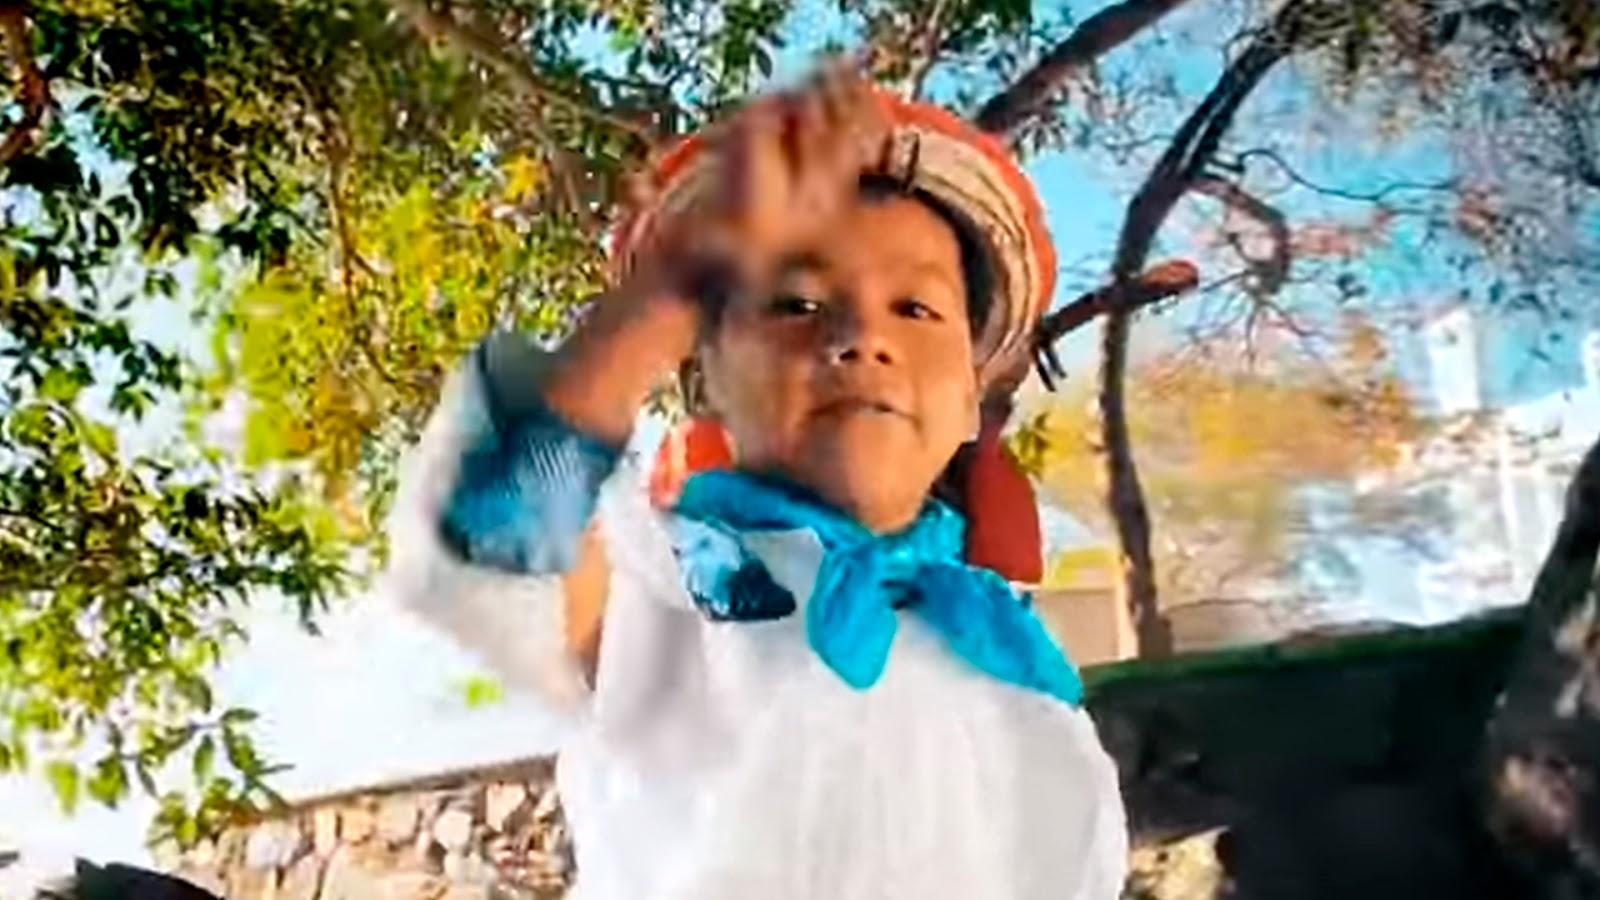 Tribunal Electoral prohíbe el uso de niños en los spots políticos  (VÍDEO)